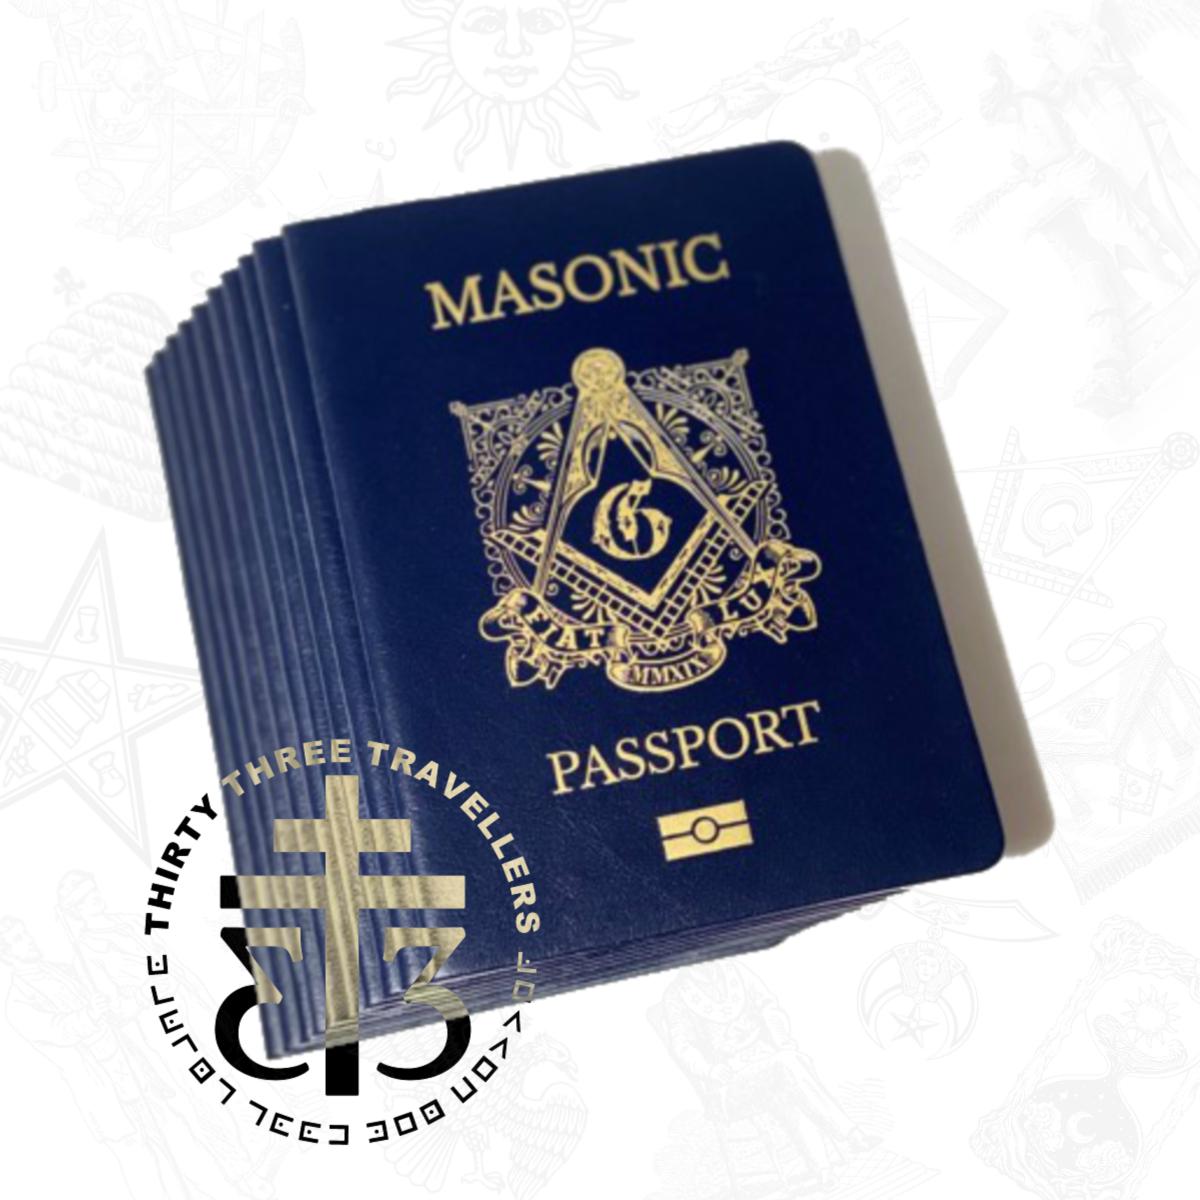 Masonic Passport Limited Bundle 10sets